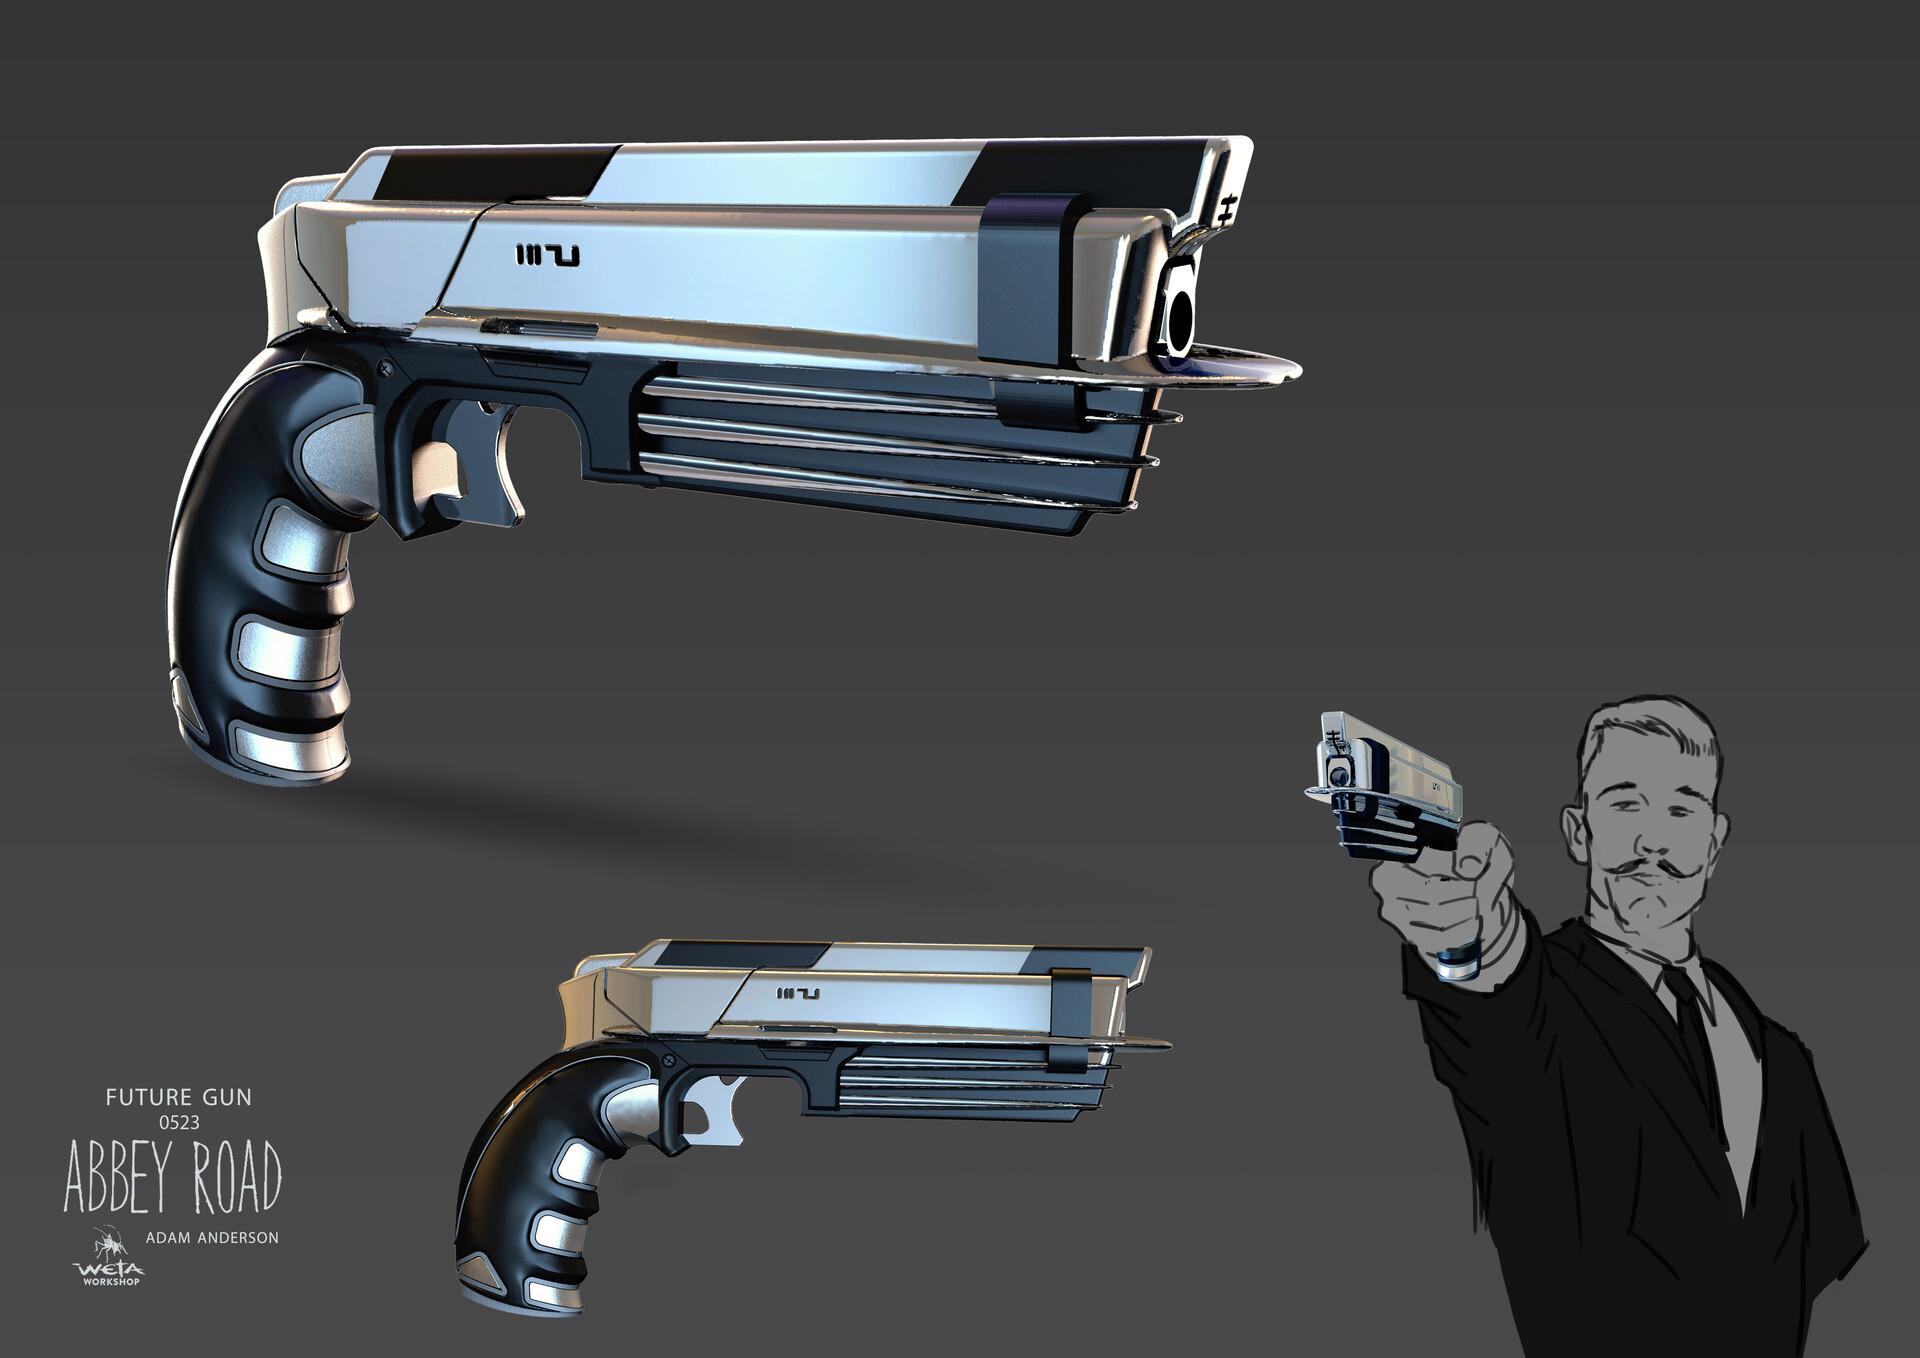 Handgun - Artist: Adam Anderson